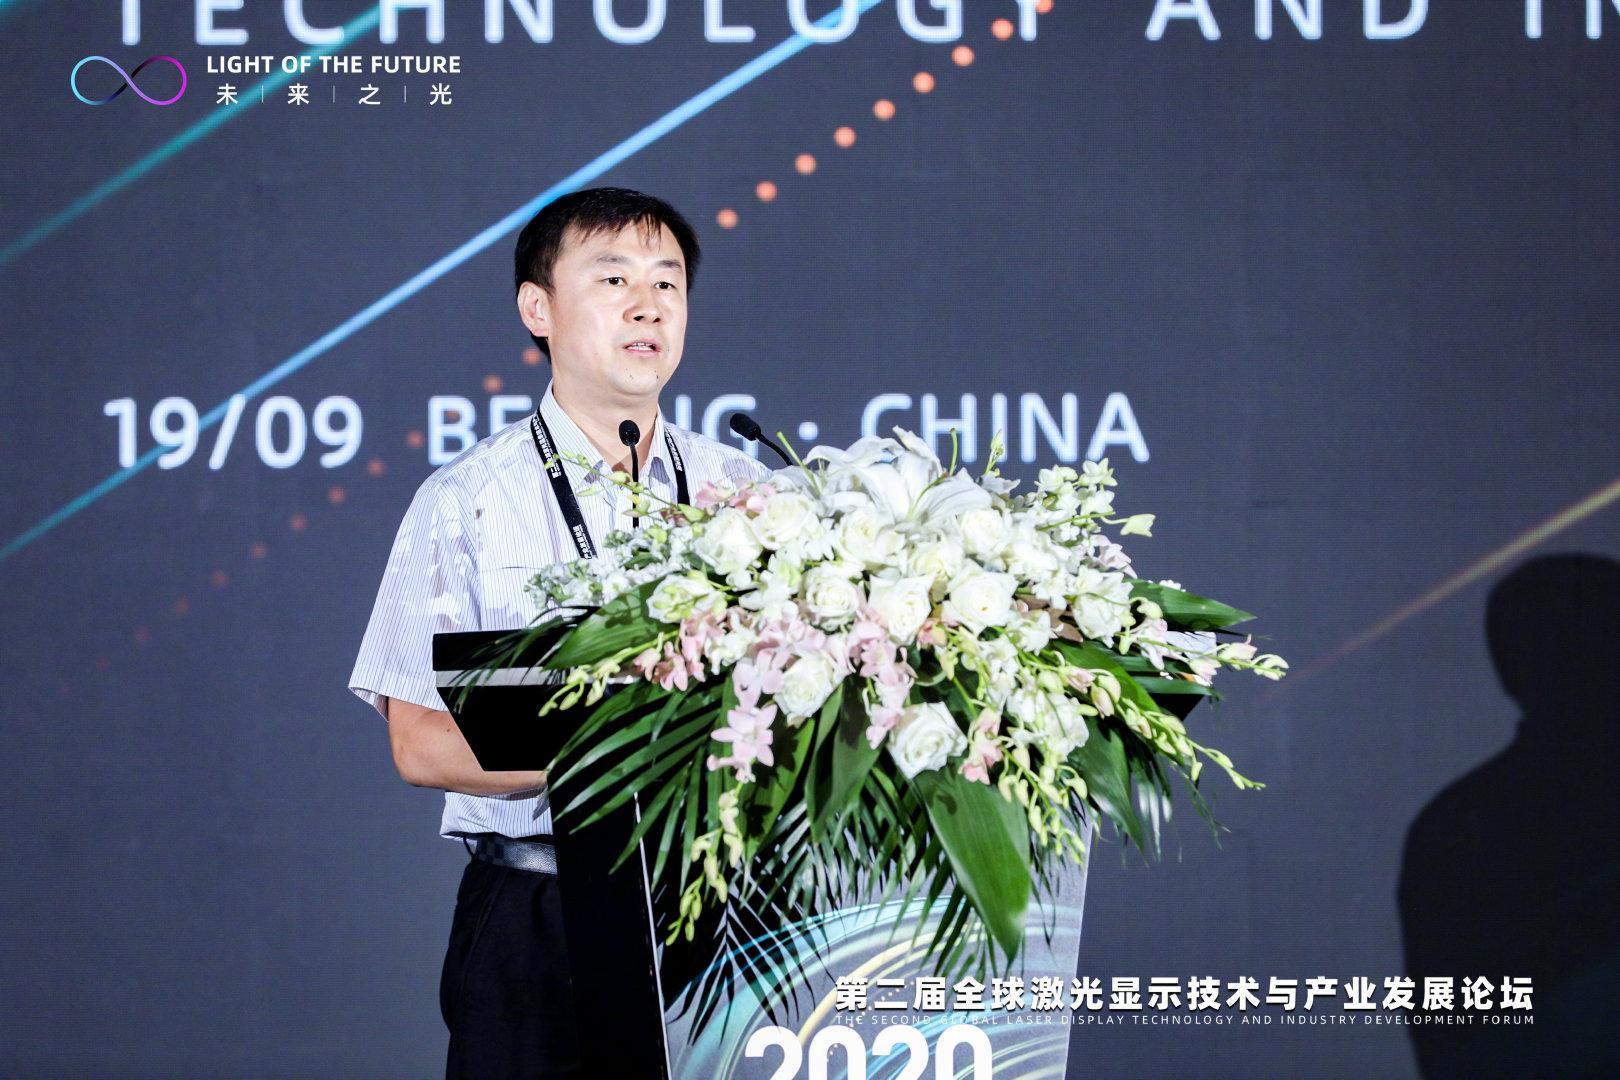 第二届全球激光显示技术与产业发展论坛盛况空前……